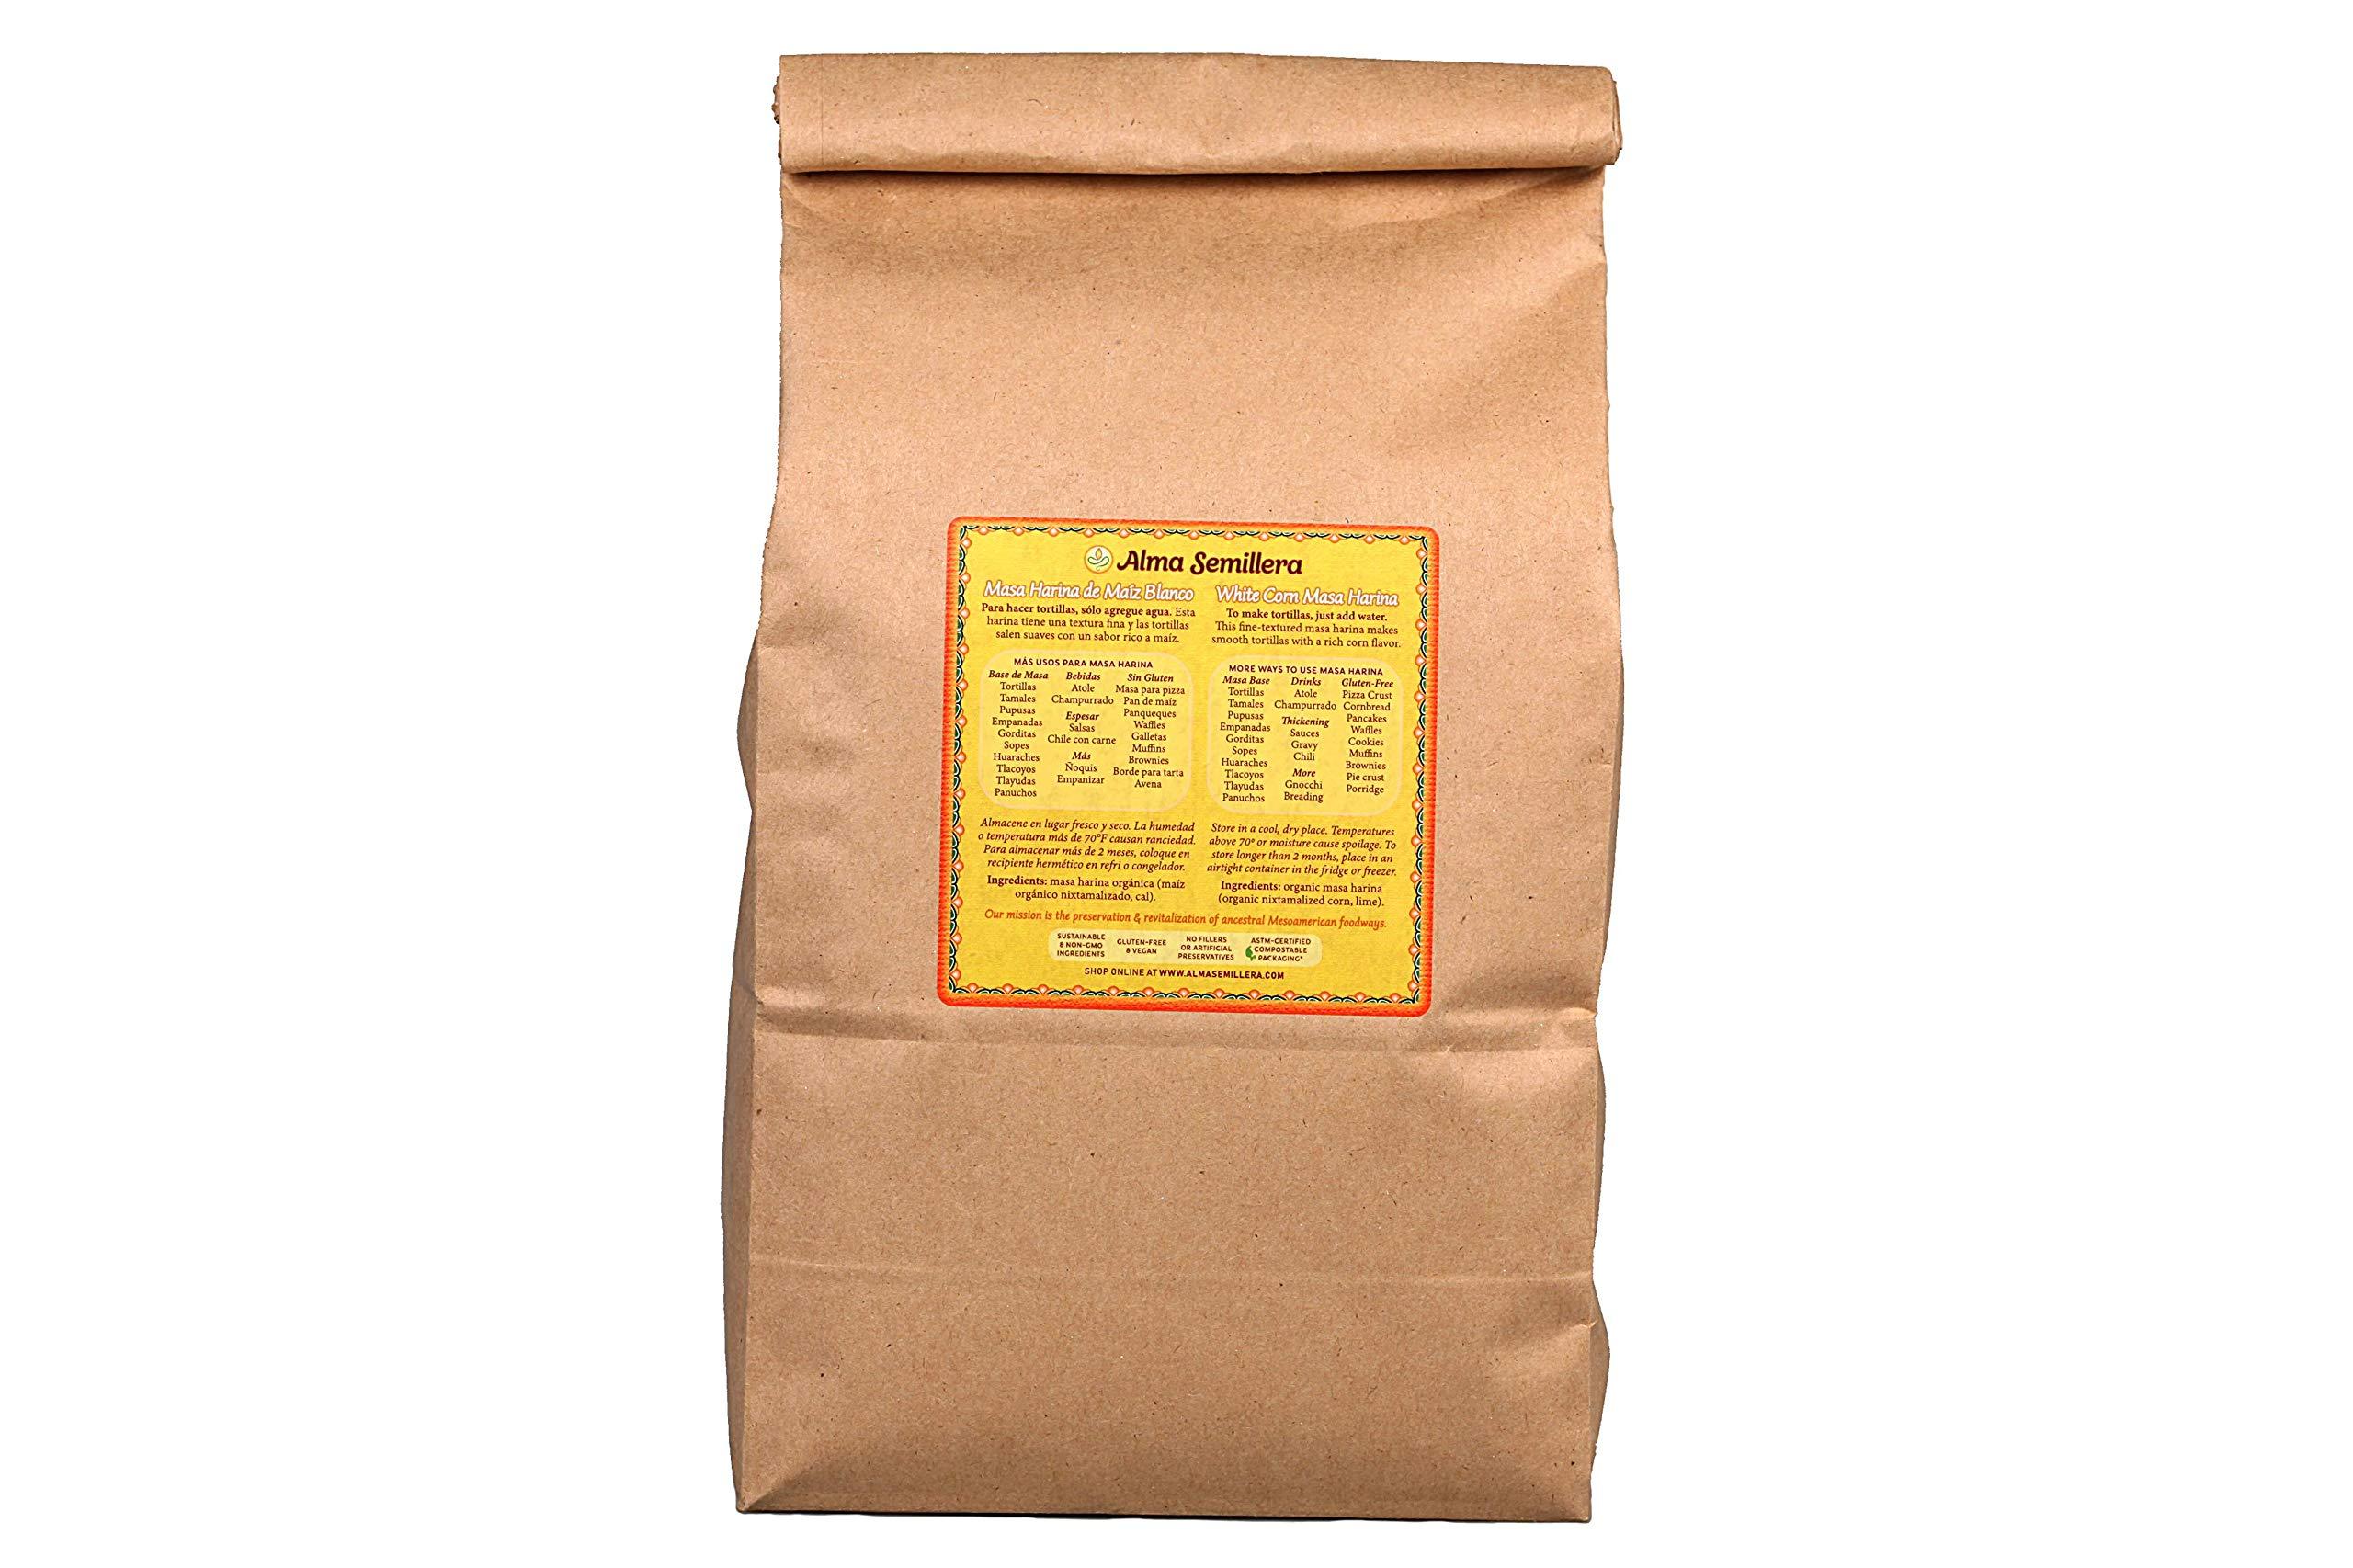 ALMA SEMILLERA White Corn Masa Harina - Non-GMO, Gluten Free, Vegan, Fine Texture (5lb) by Alma Semillera